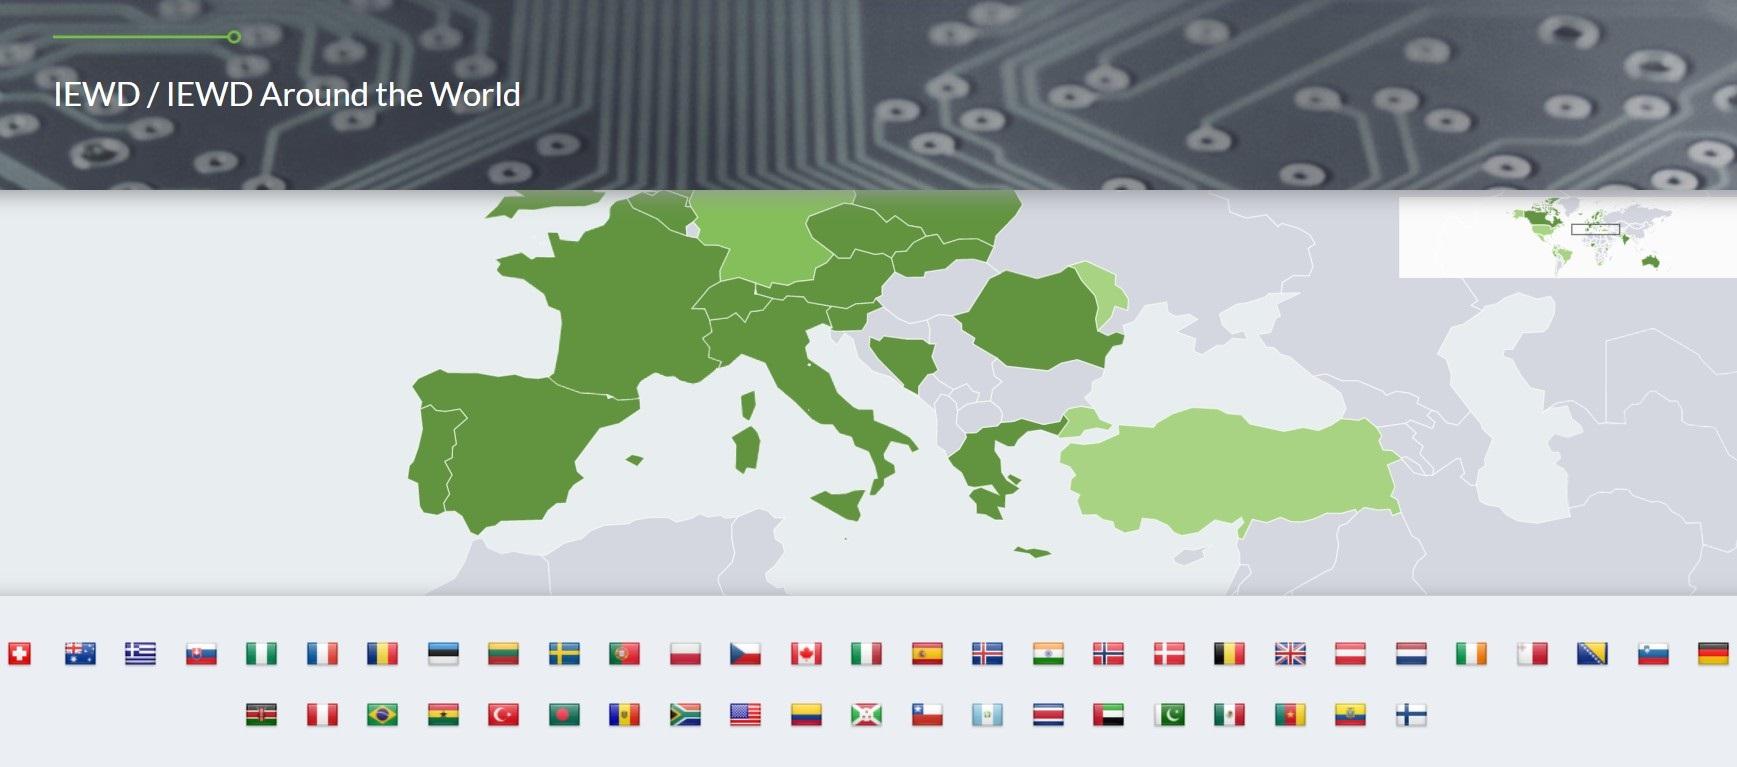 Međunarodni dan e-otpada: Podizanja svijesti o problemu koji predstavlja e-otpad